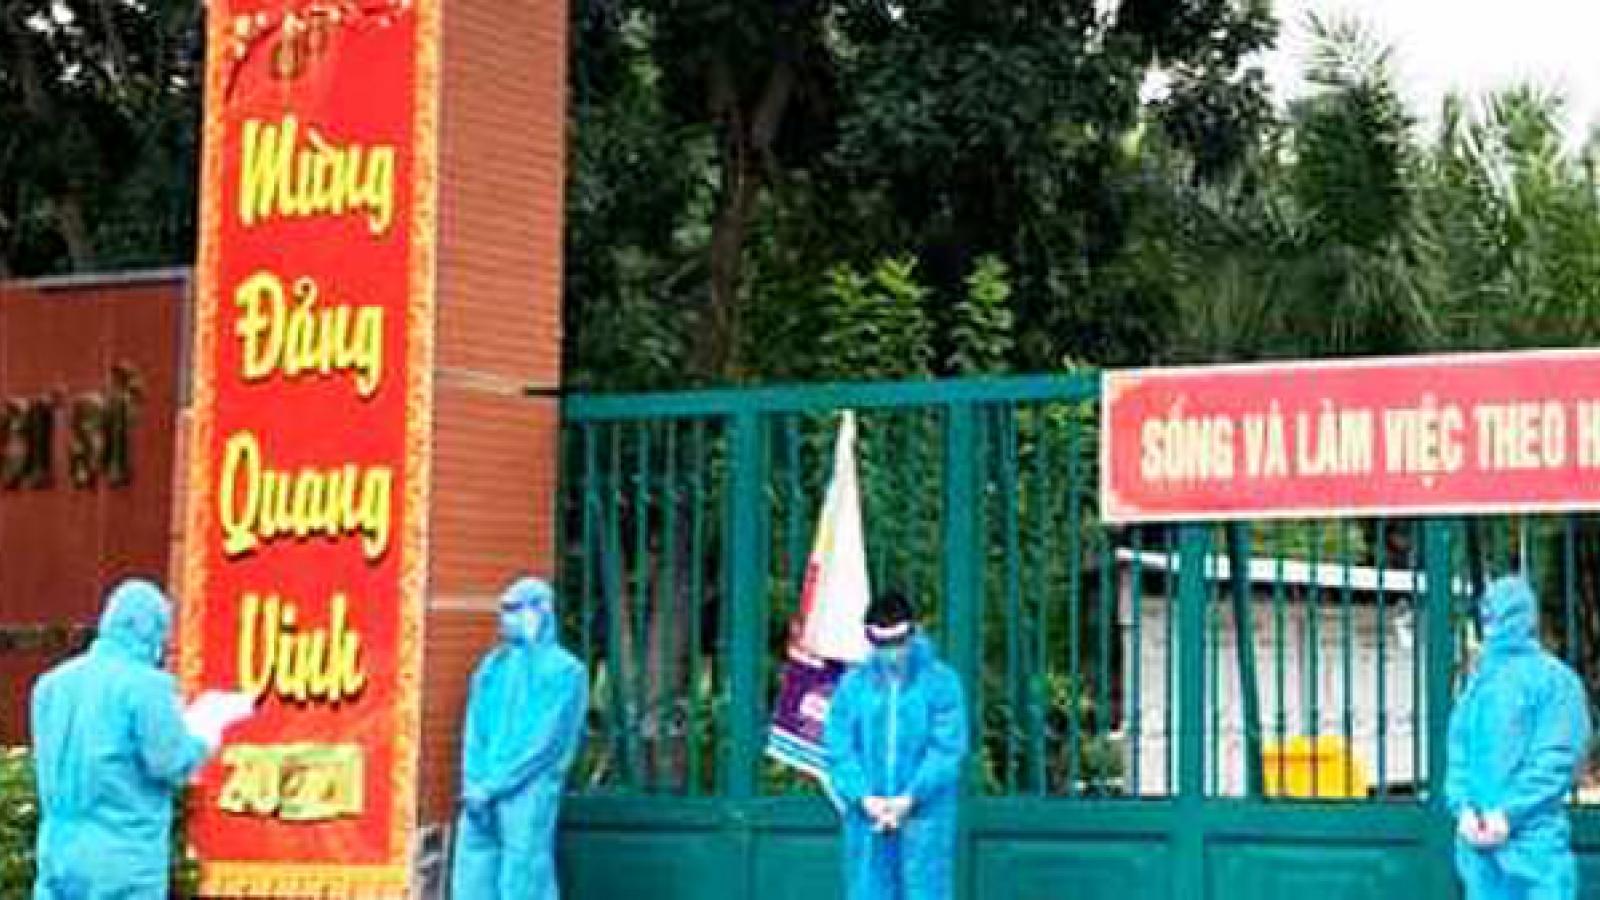 Nóng 24h: Hành hung dân quân khi bị nhắc nhở việc ăn nhậu ở khu cách ly